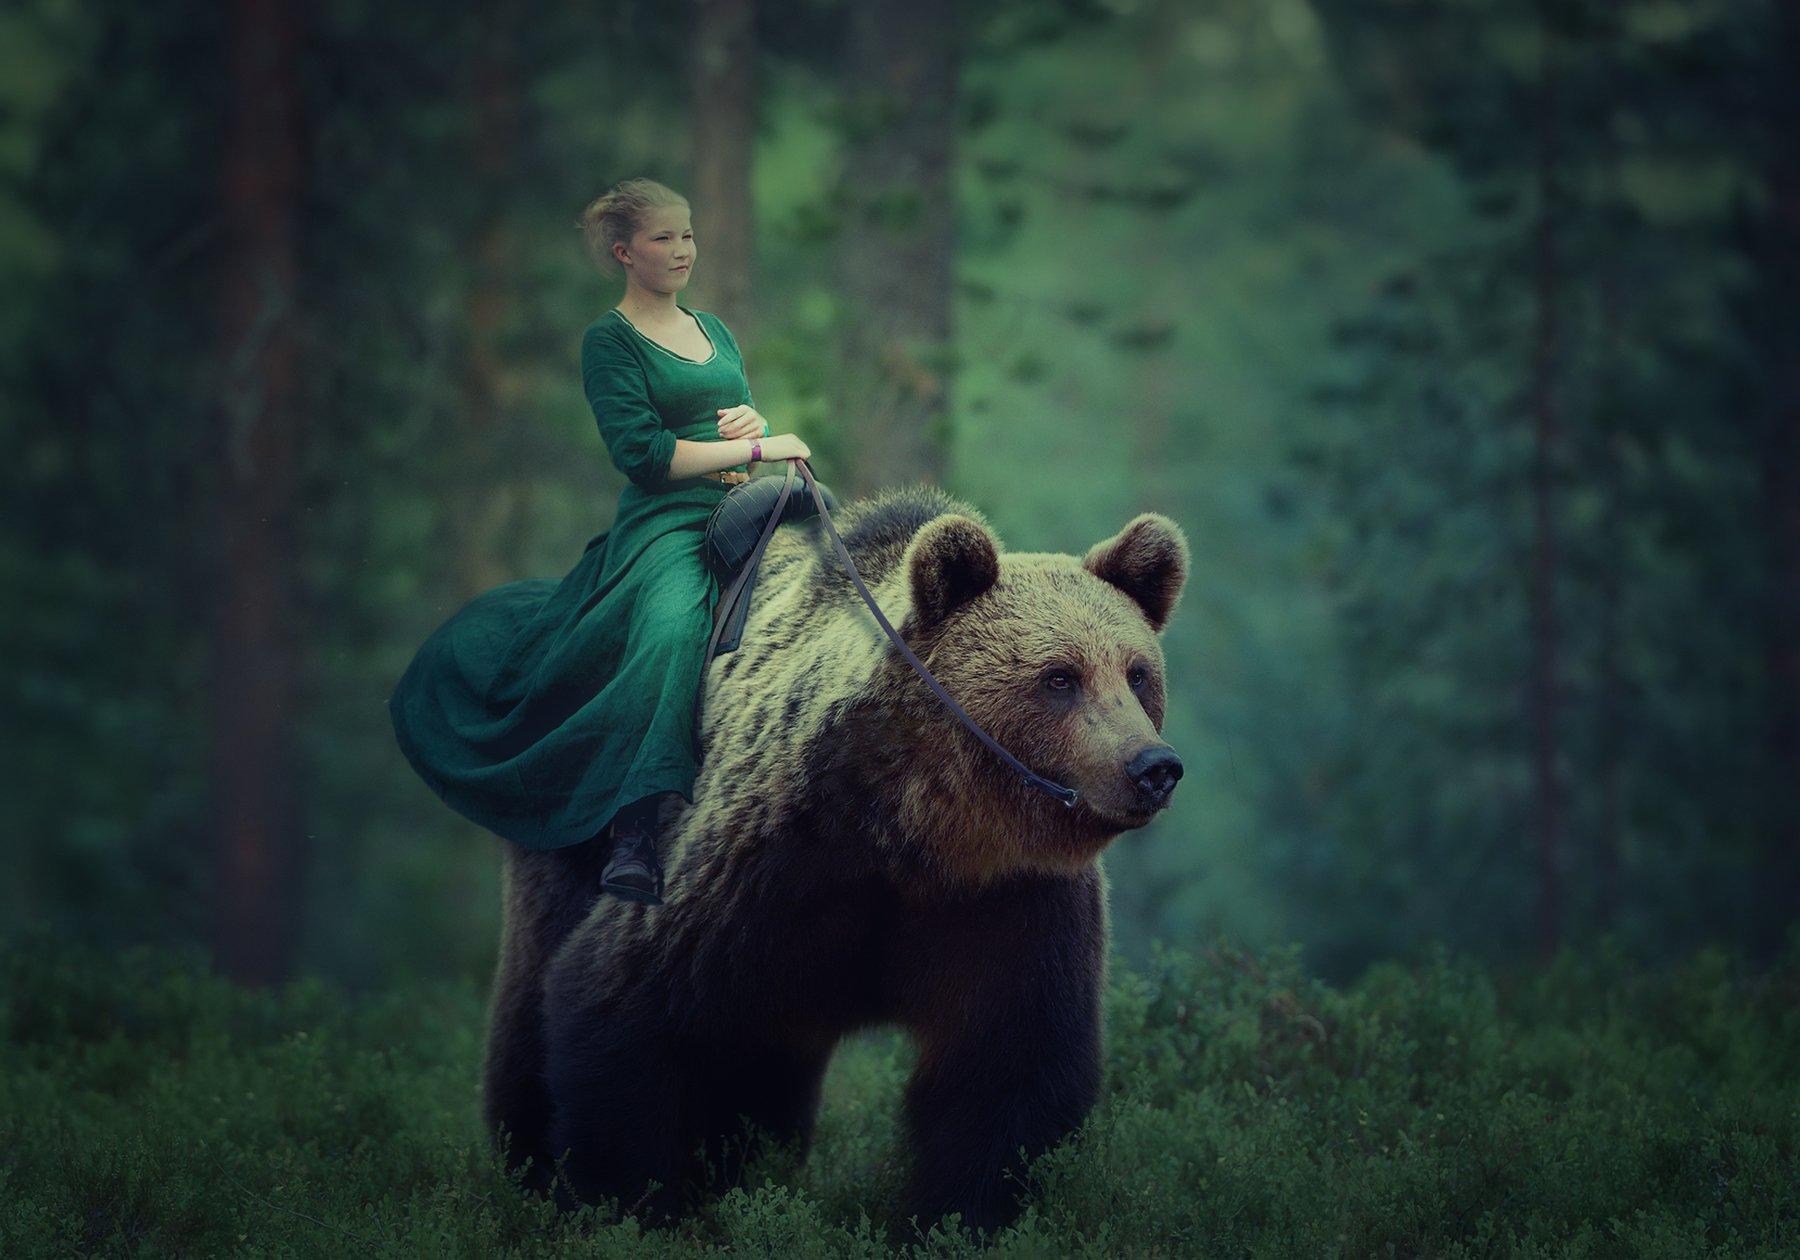 девочка, лес, медведь, Sergii Vidov